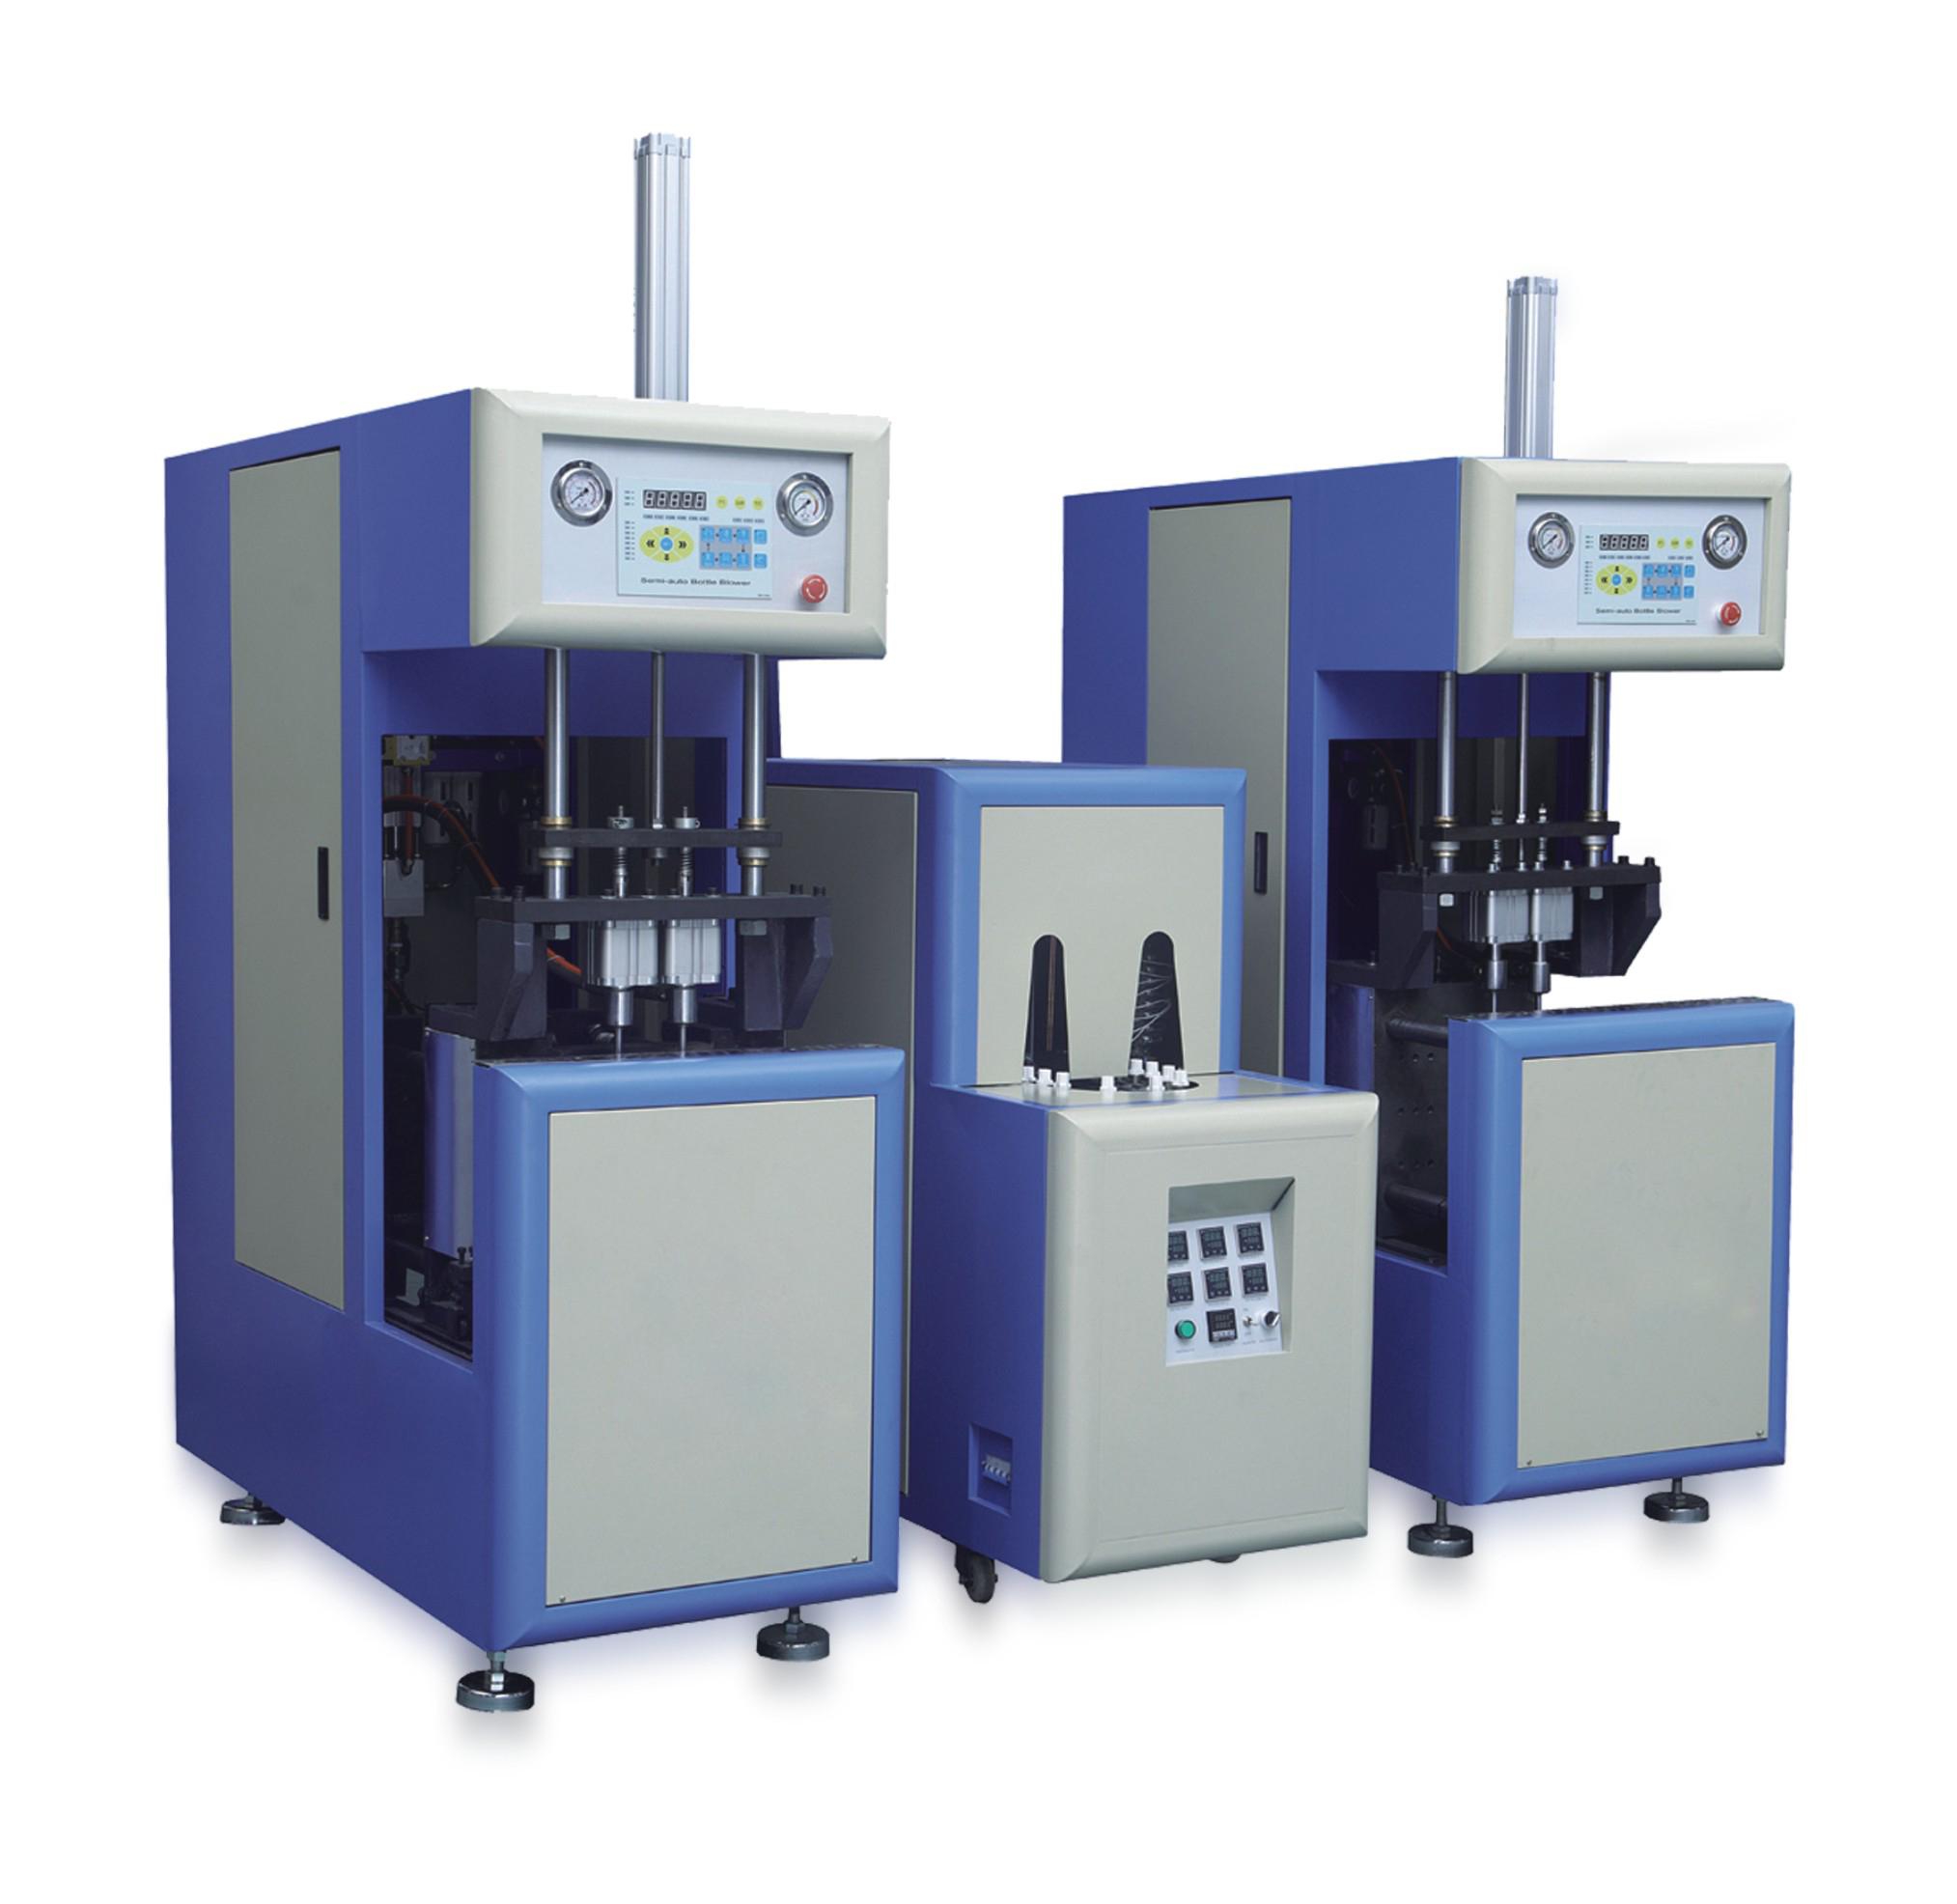 WBS-4 1800BPH Plastic Bottle Blow Molding Machine